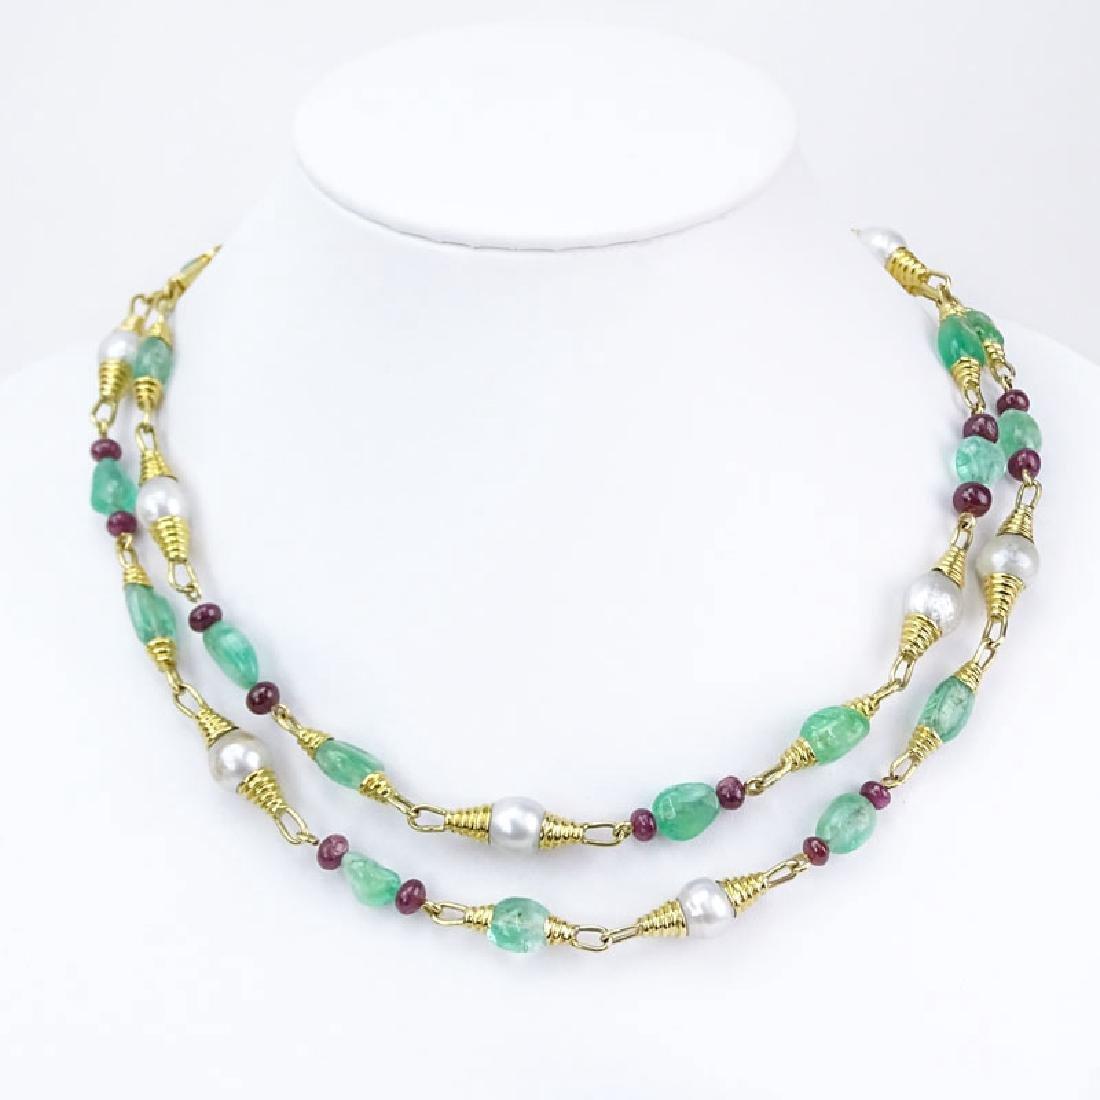 Vintage David Webb Approx. 145.0 Carat Emerald, 35.0